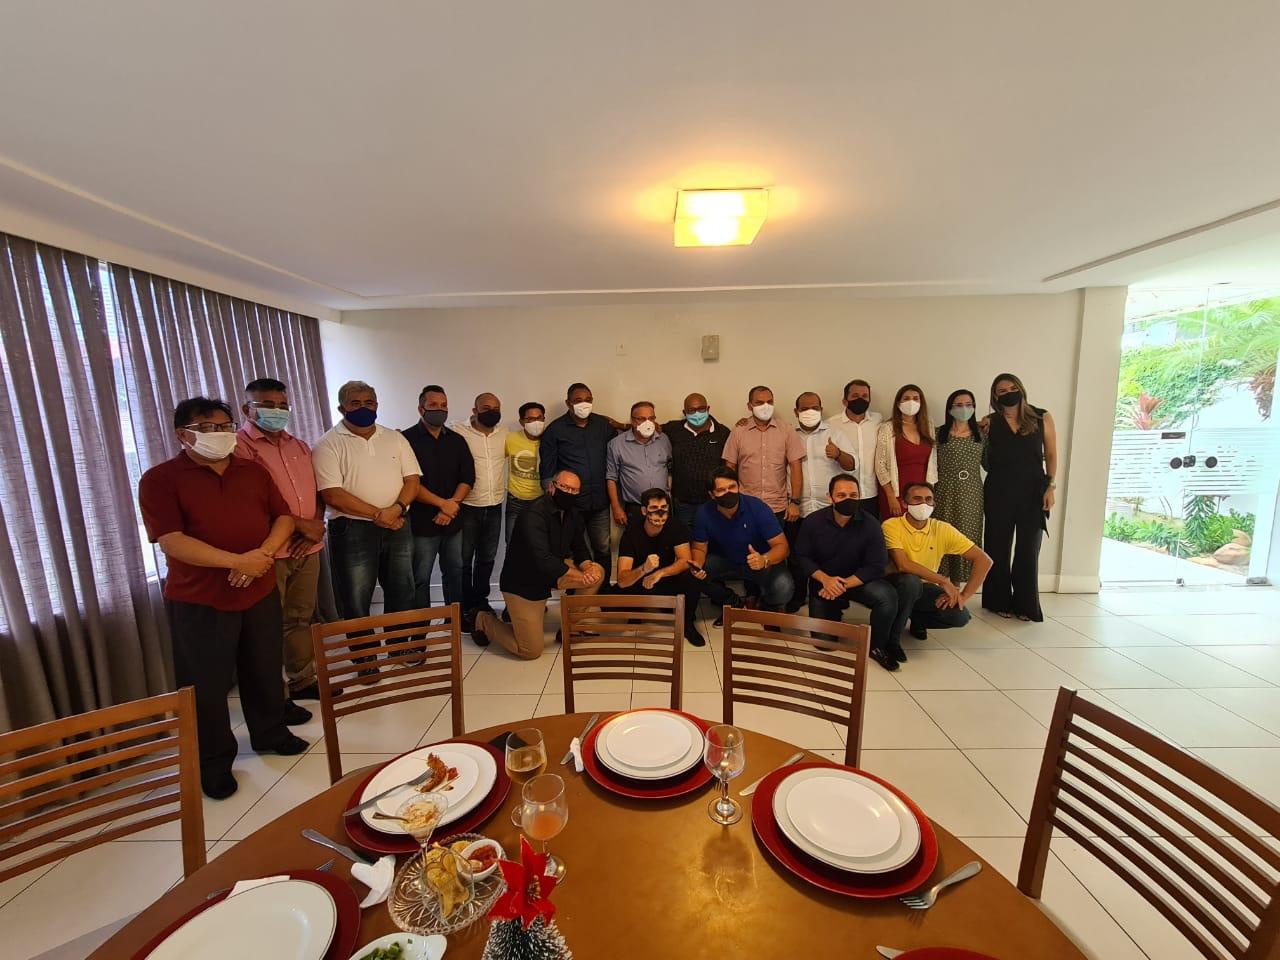 Vereadores se reúnem em almoço para apoio a Paulinho Freire na presidência da Câmara de Natal no biênio 2021-2022